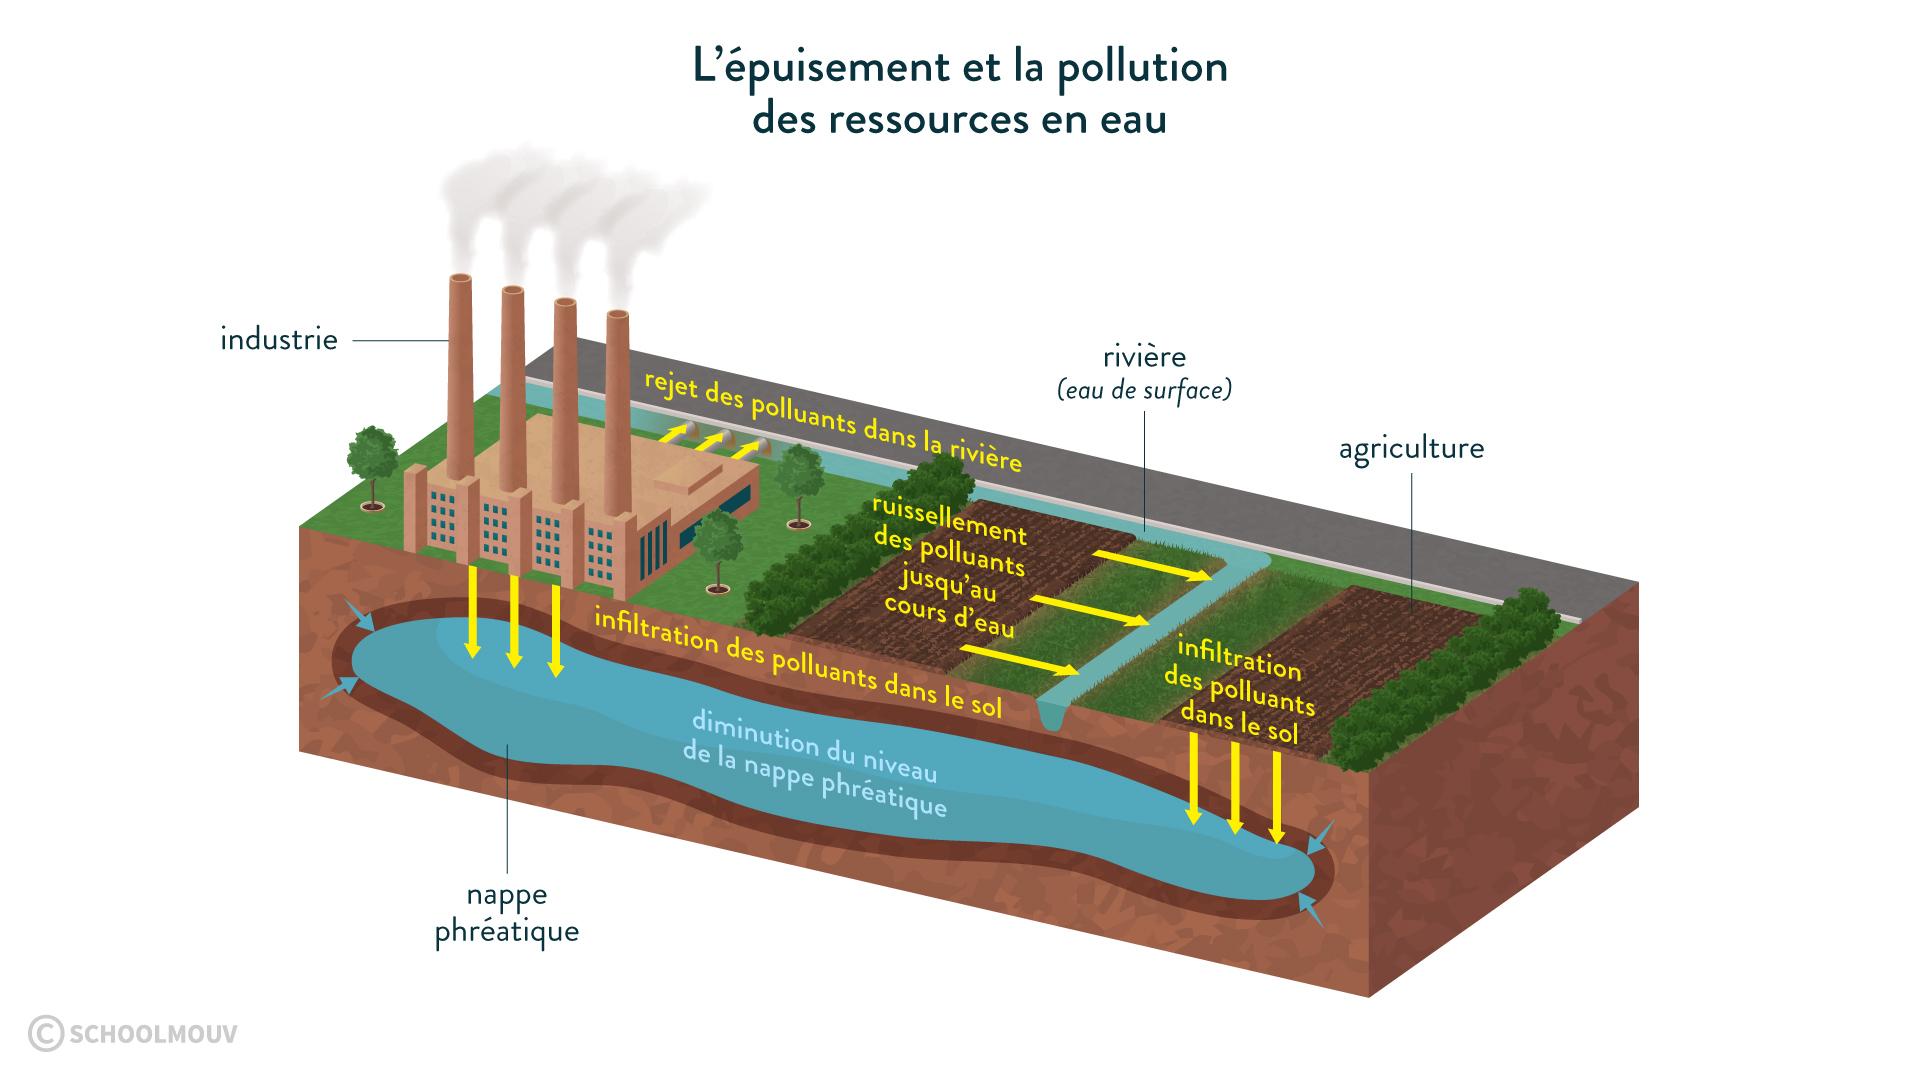 L'épuisement et la pollution des ressources en eau-svt-6e-schoolmouv